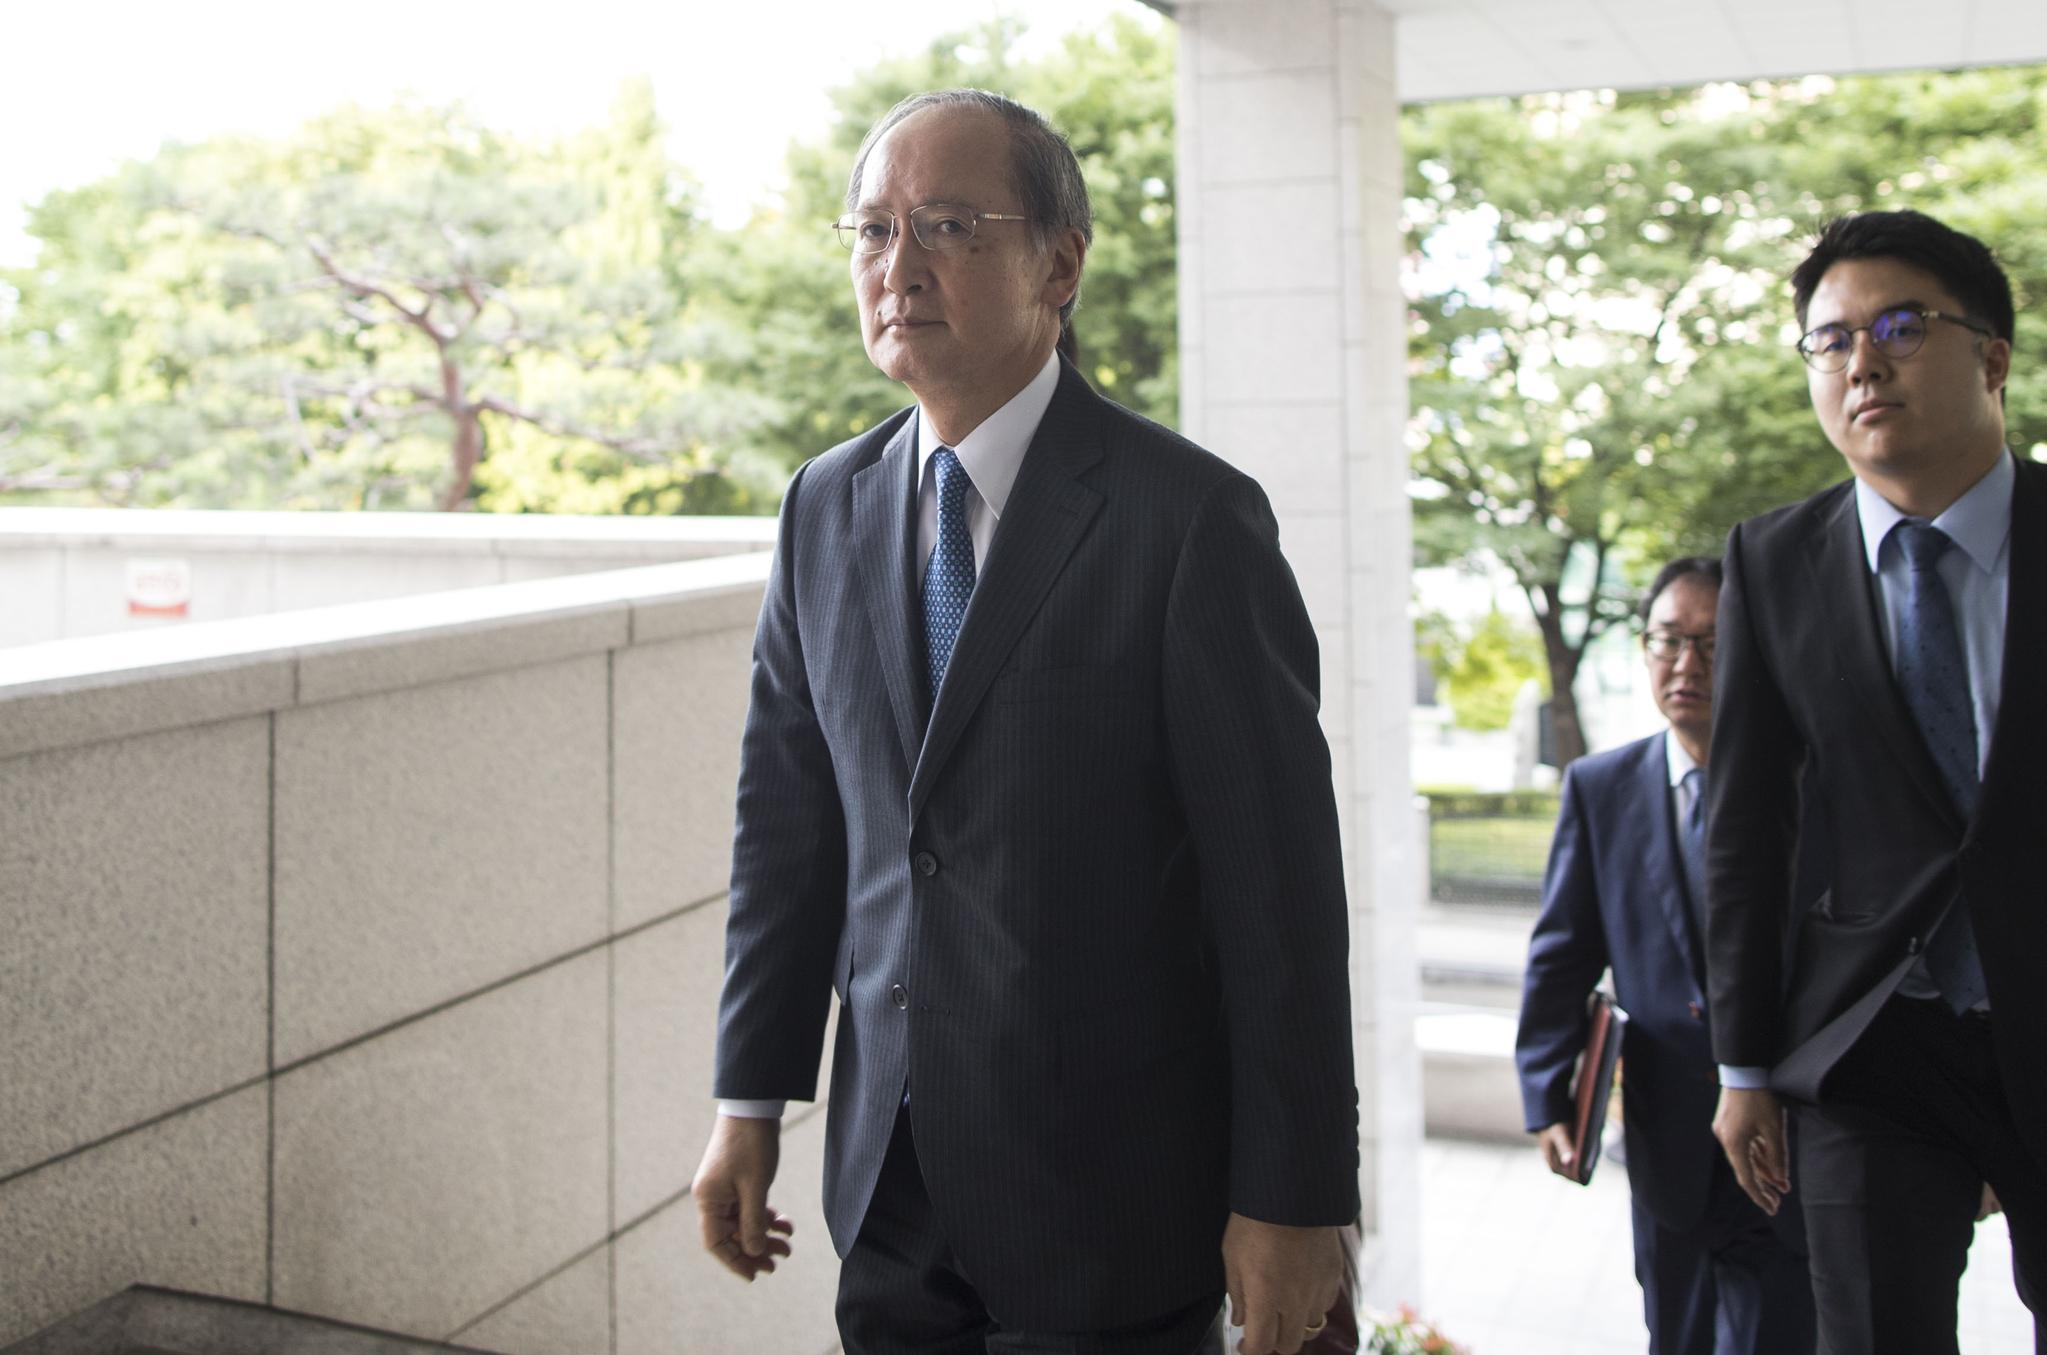 일본 정부가 한국을 전략물자 수출심사 우대대상국인 백색국가(화이트리스트) 명단에서 제외한 것과 관련해 나가미네 야스마사(長嶺安政) 주한 일본대사가 2일 초치돼 도렴동 외교부 청사로 들어가고 있다. [연합뉴스]